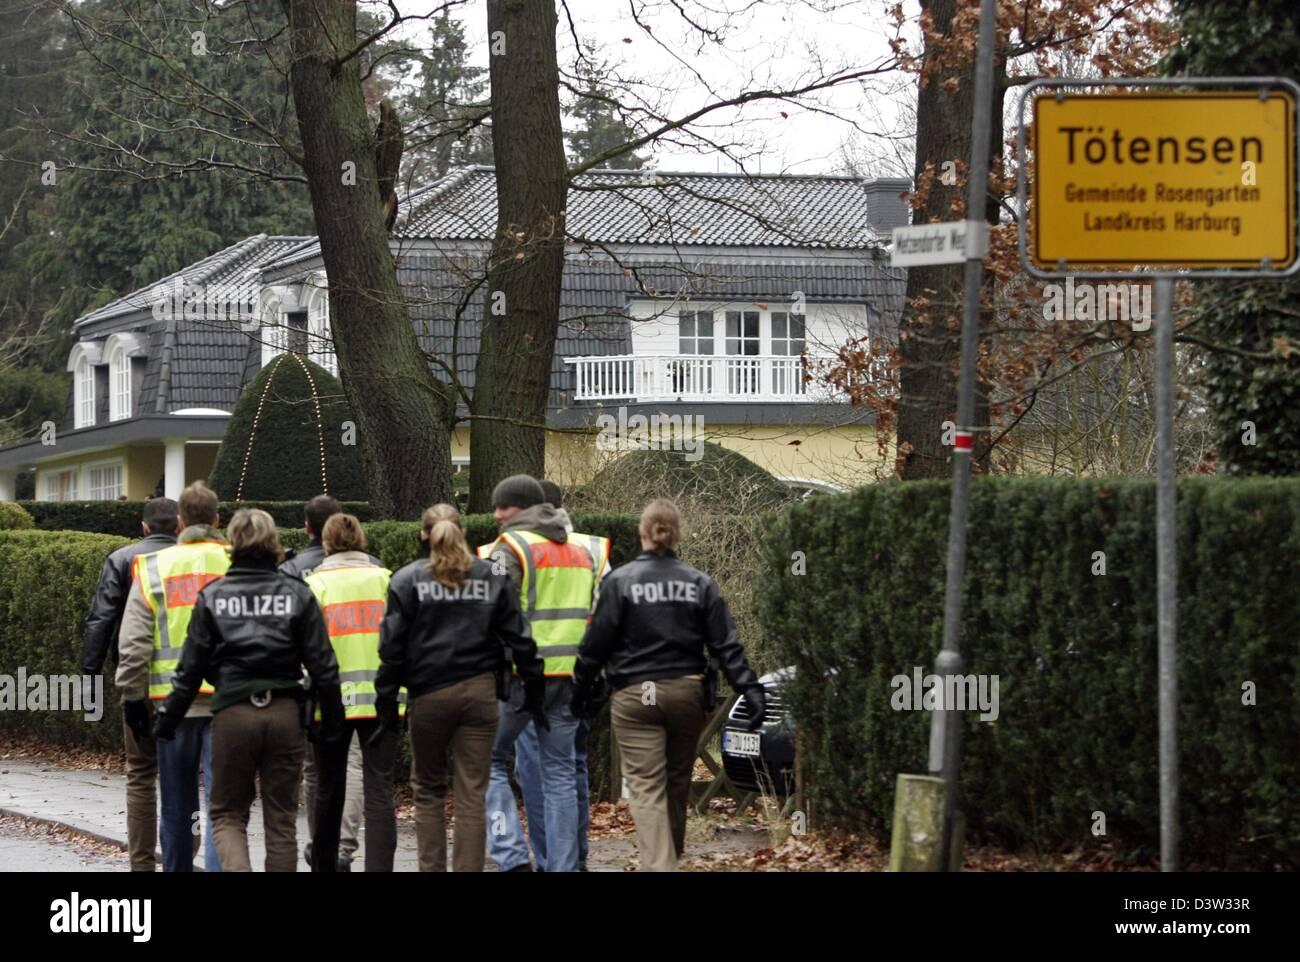 Tötensen Dieter Bohlen Adreße